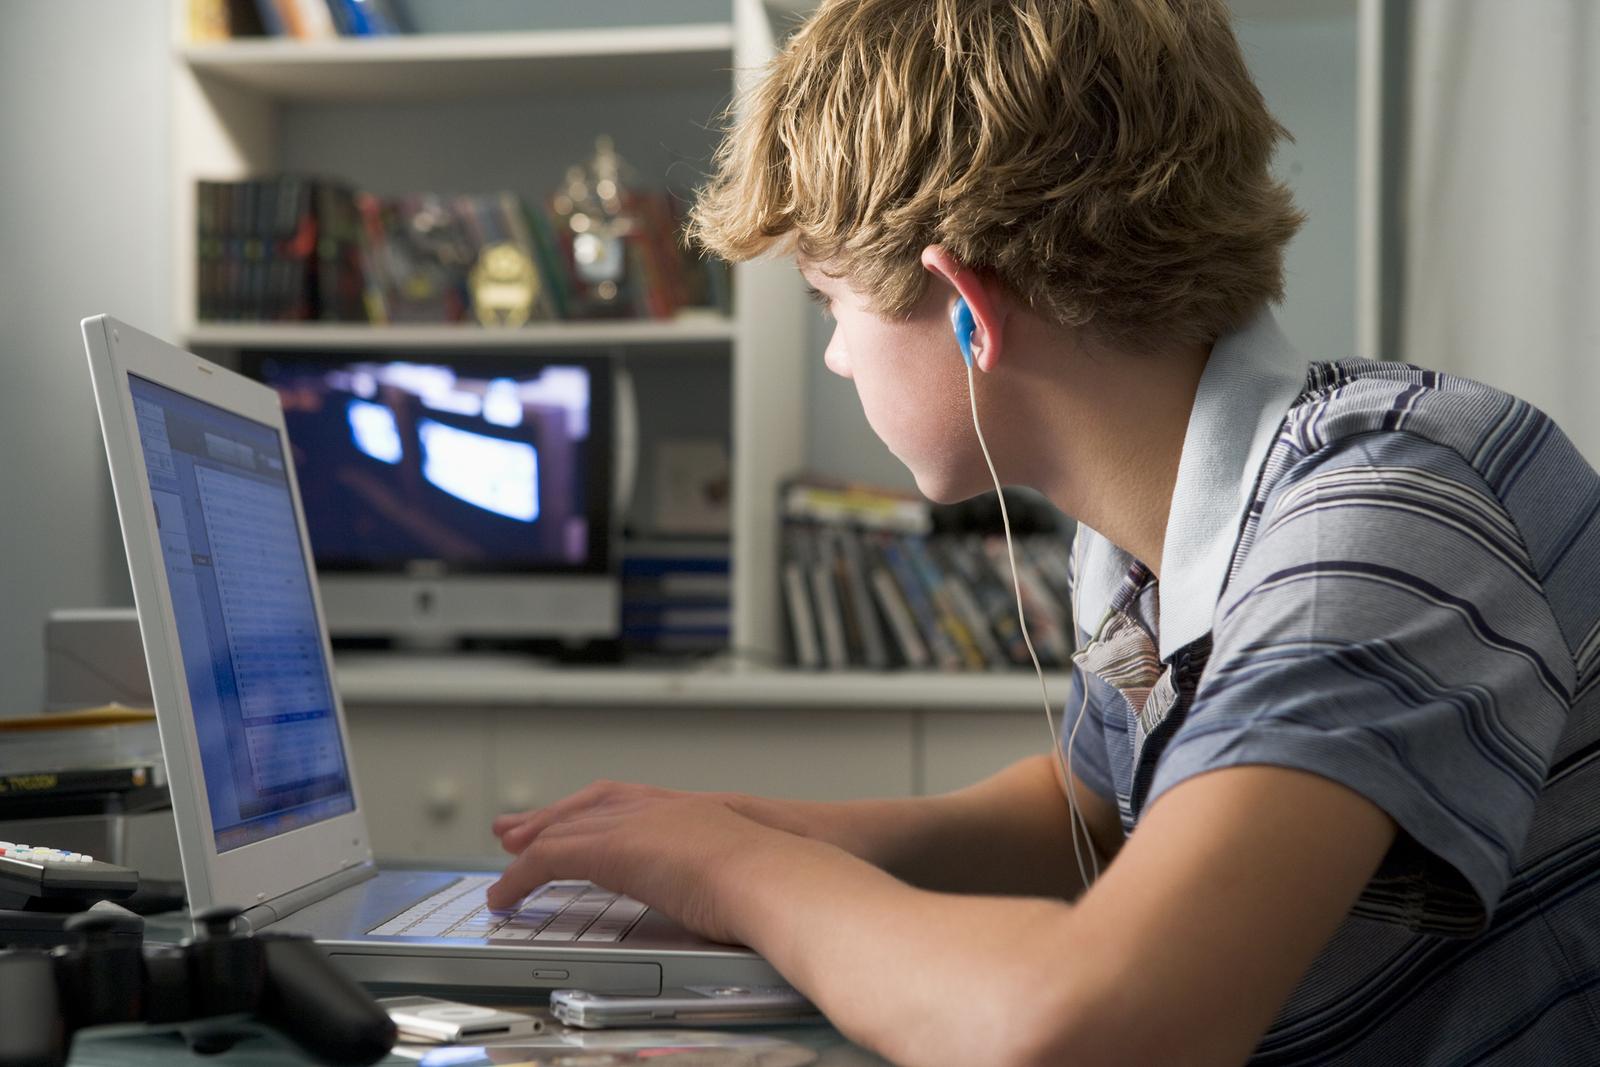 Program for teen entitlement